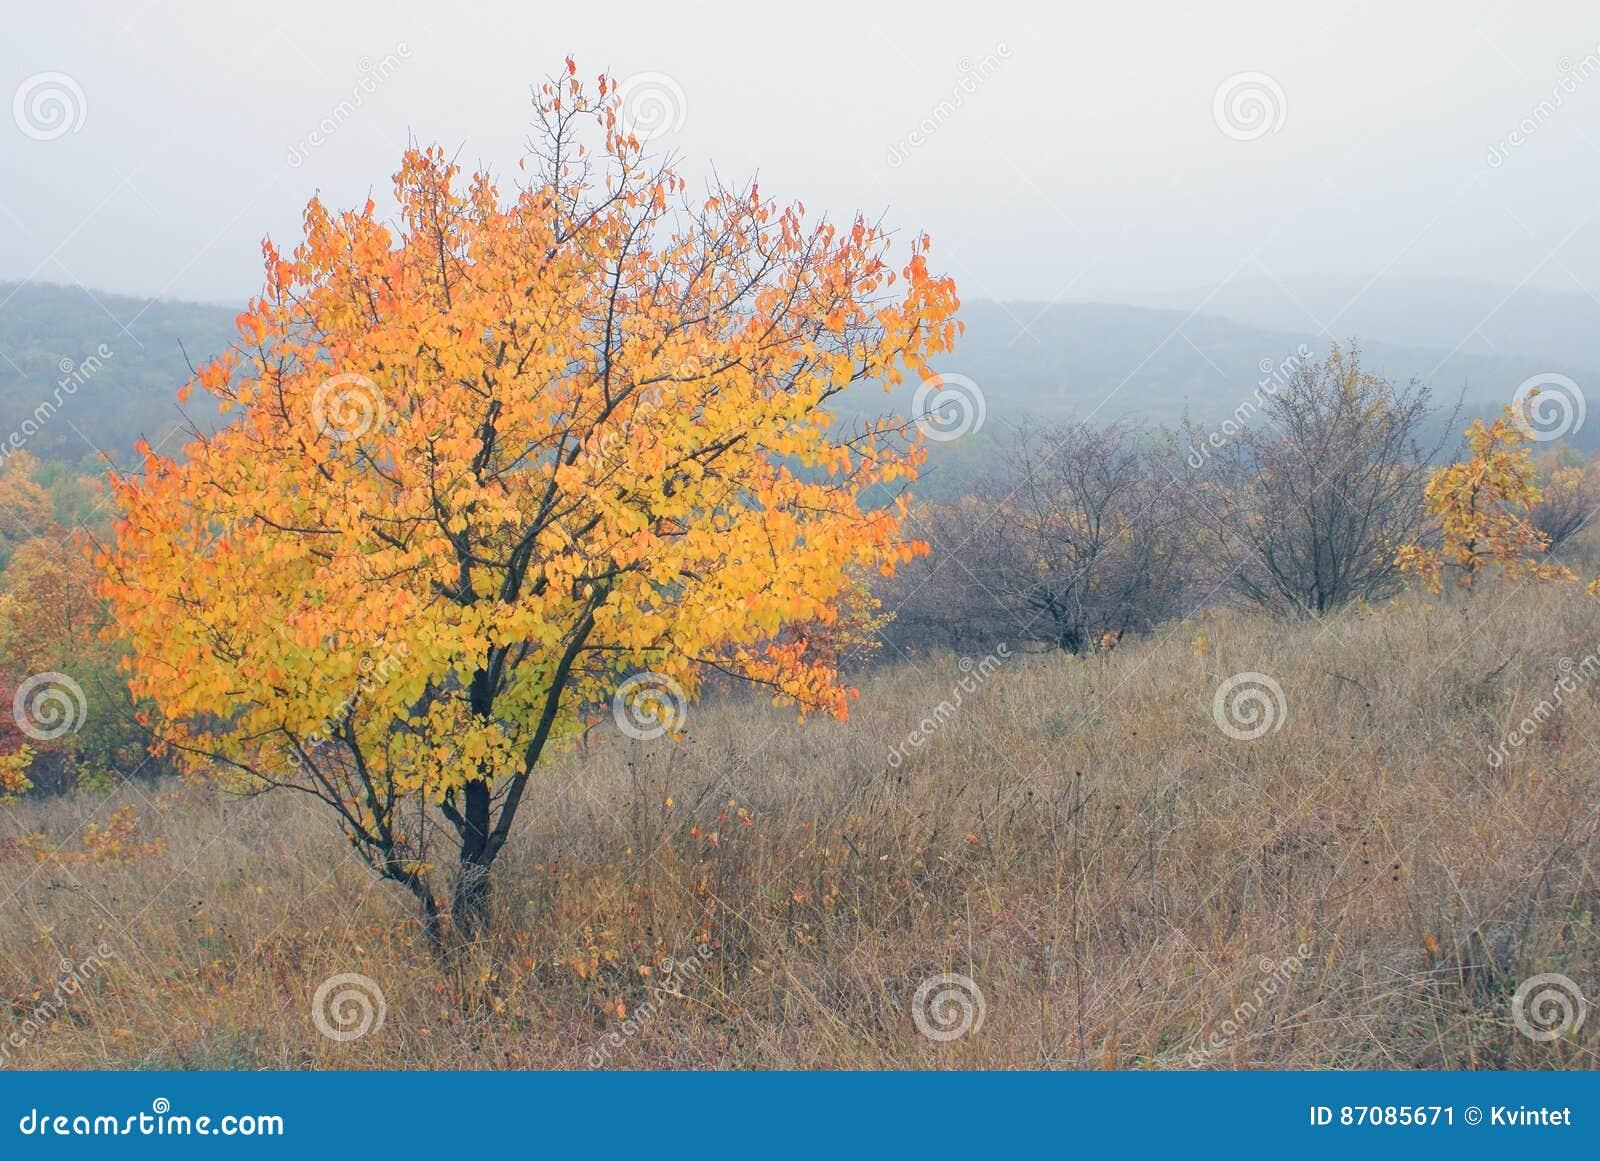 Aménagez l arbre en parc d automne avec le feuillage lumineux sur la colline de pente en brouillard en nature sauvage